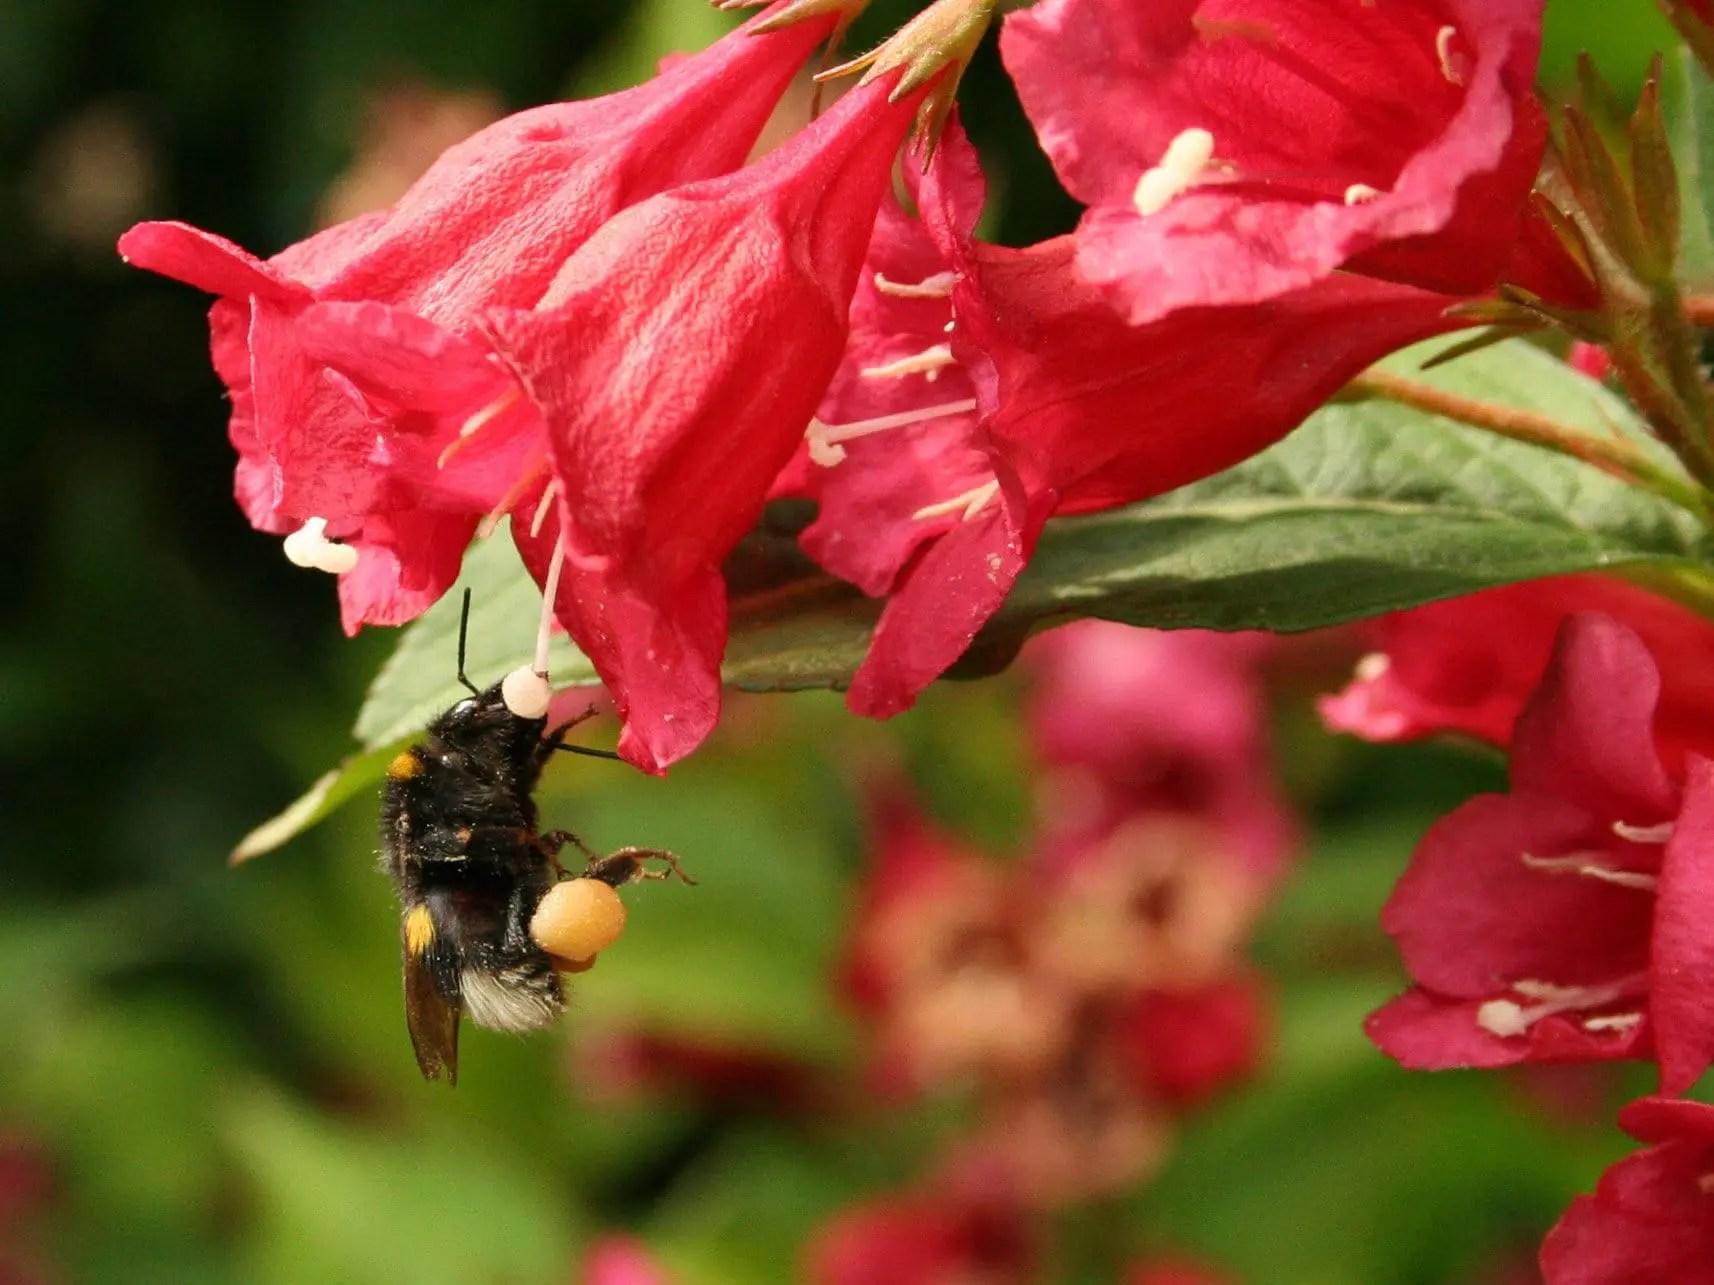 Flower representing endometriosis